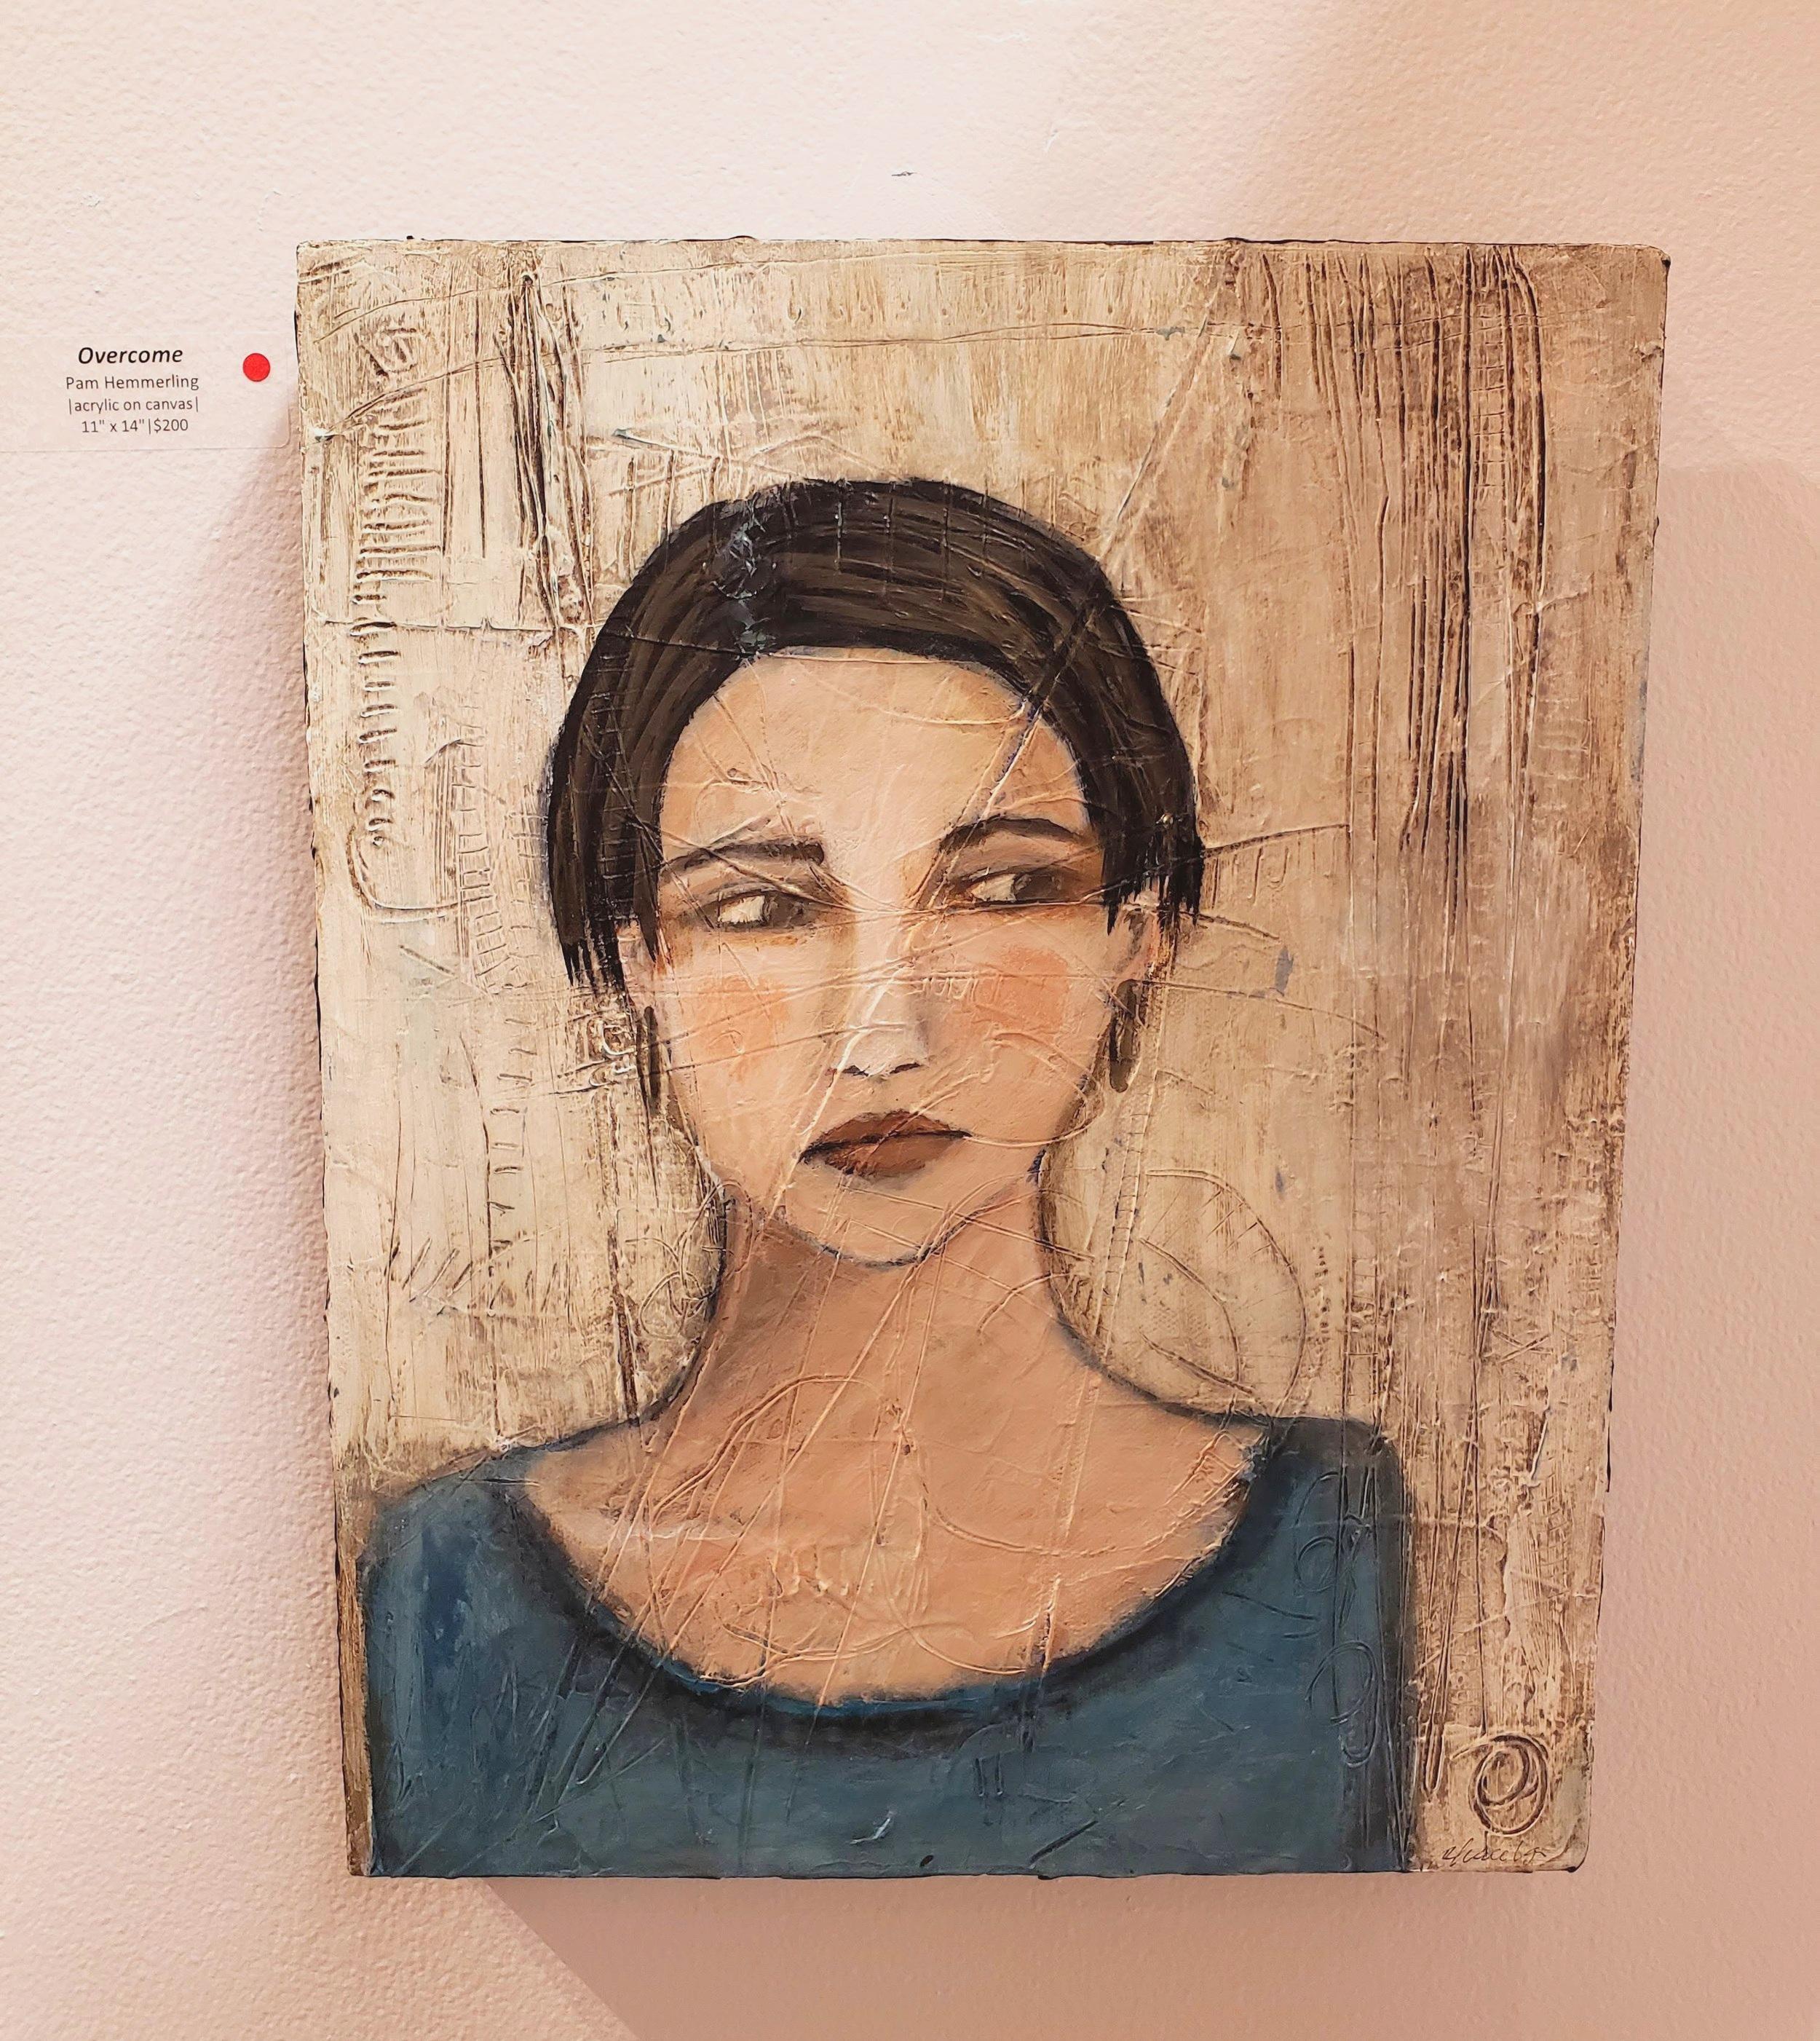 Overcome, portrait art, pam hemmerling